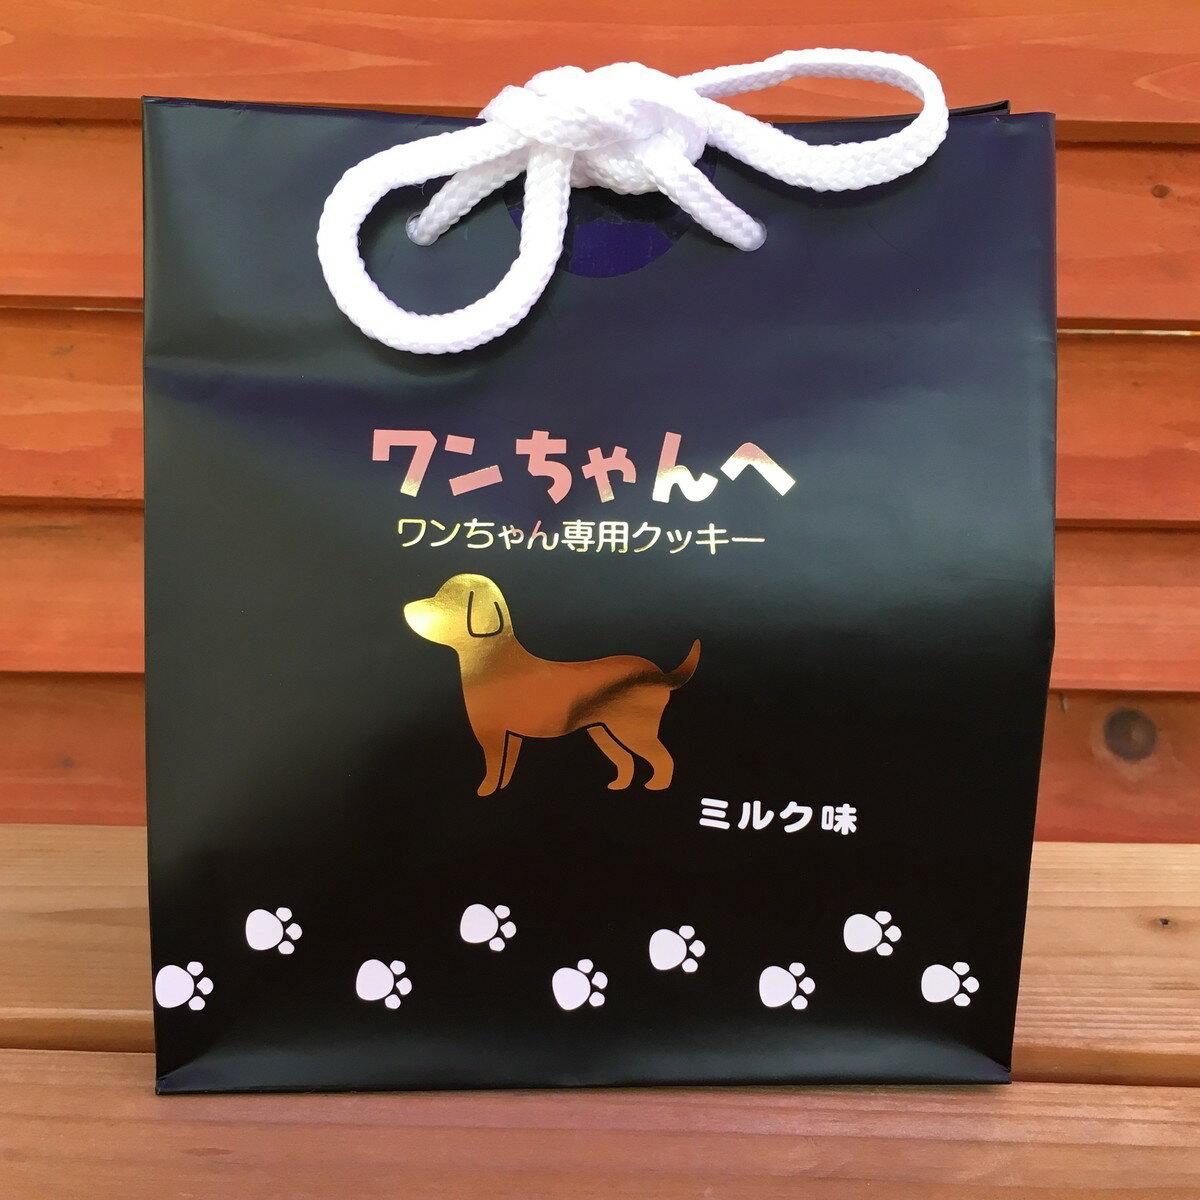 わんちゃん専用クッキー【ミルク味】【犬】【おやつ】【大人気】